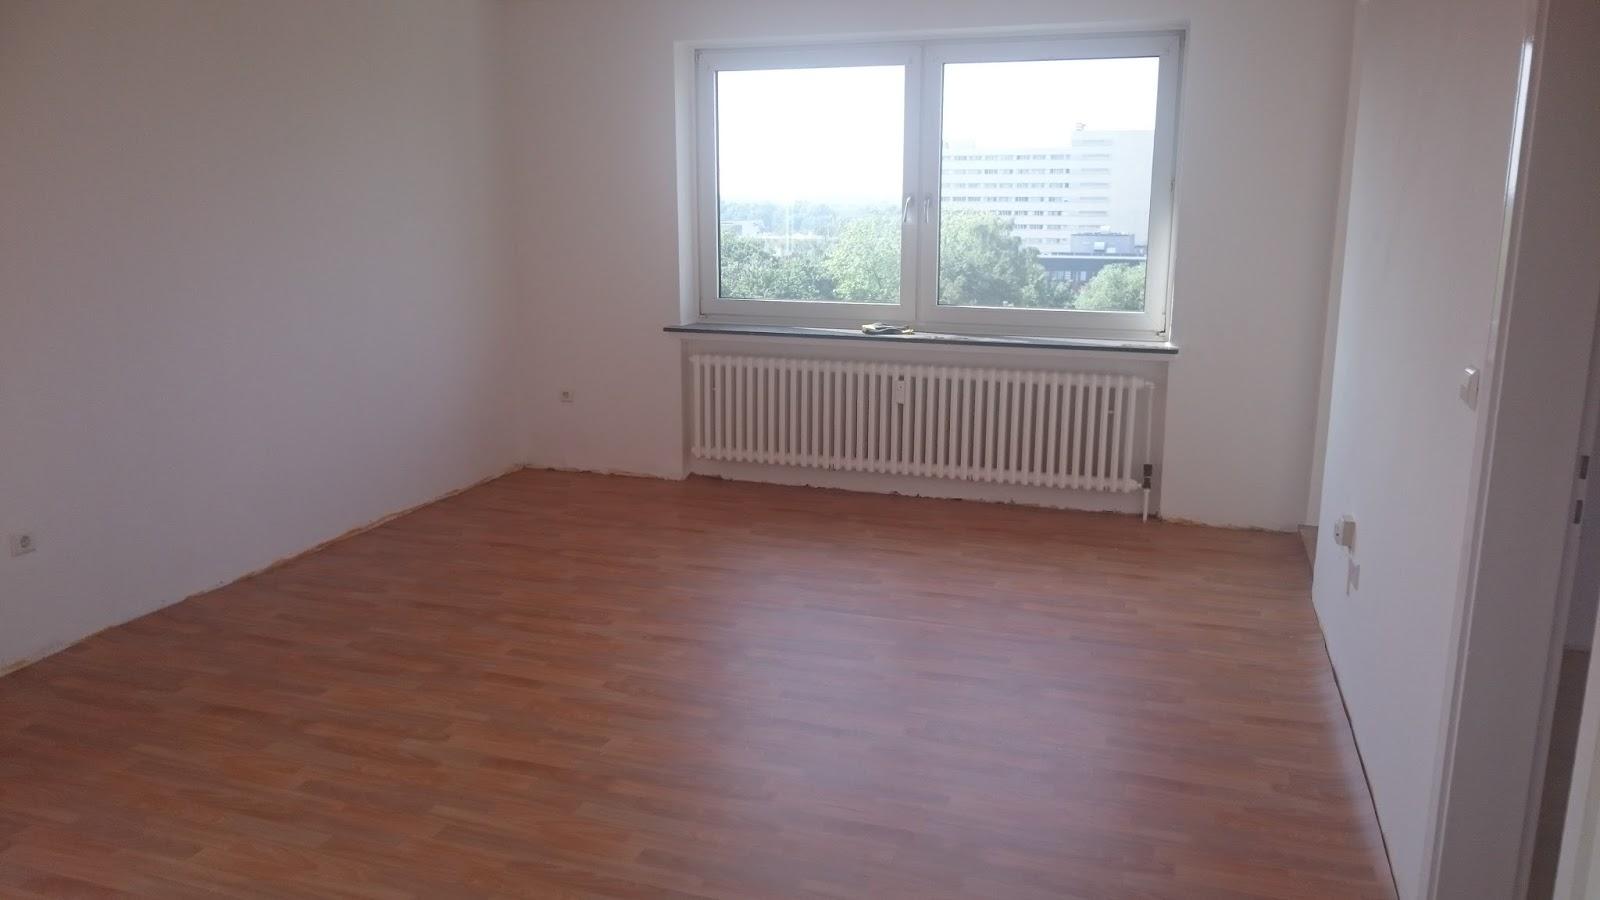 Min alldeles egna värld: bilder nya lägenheten